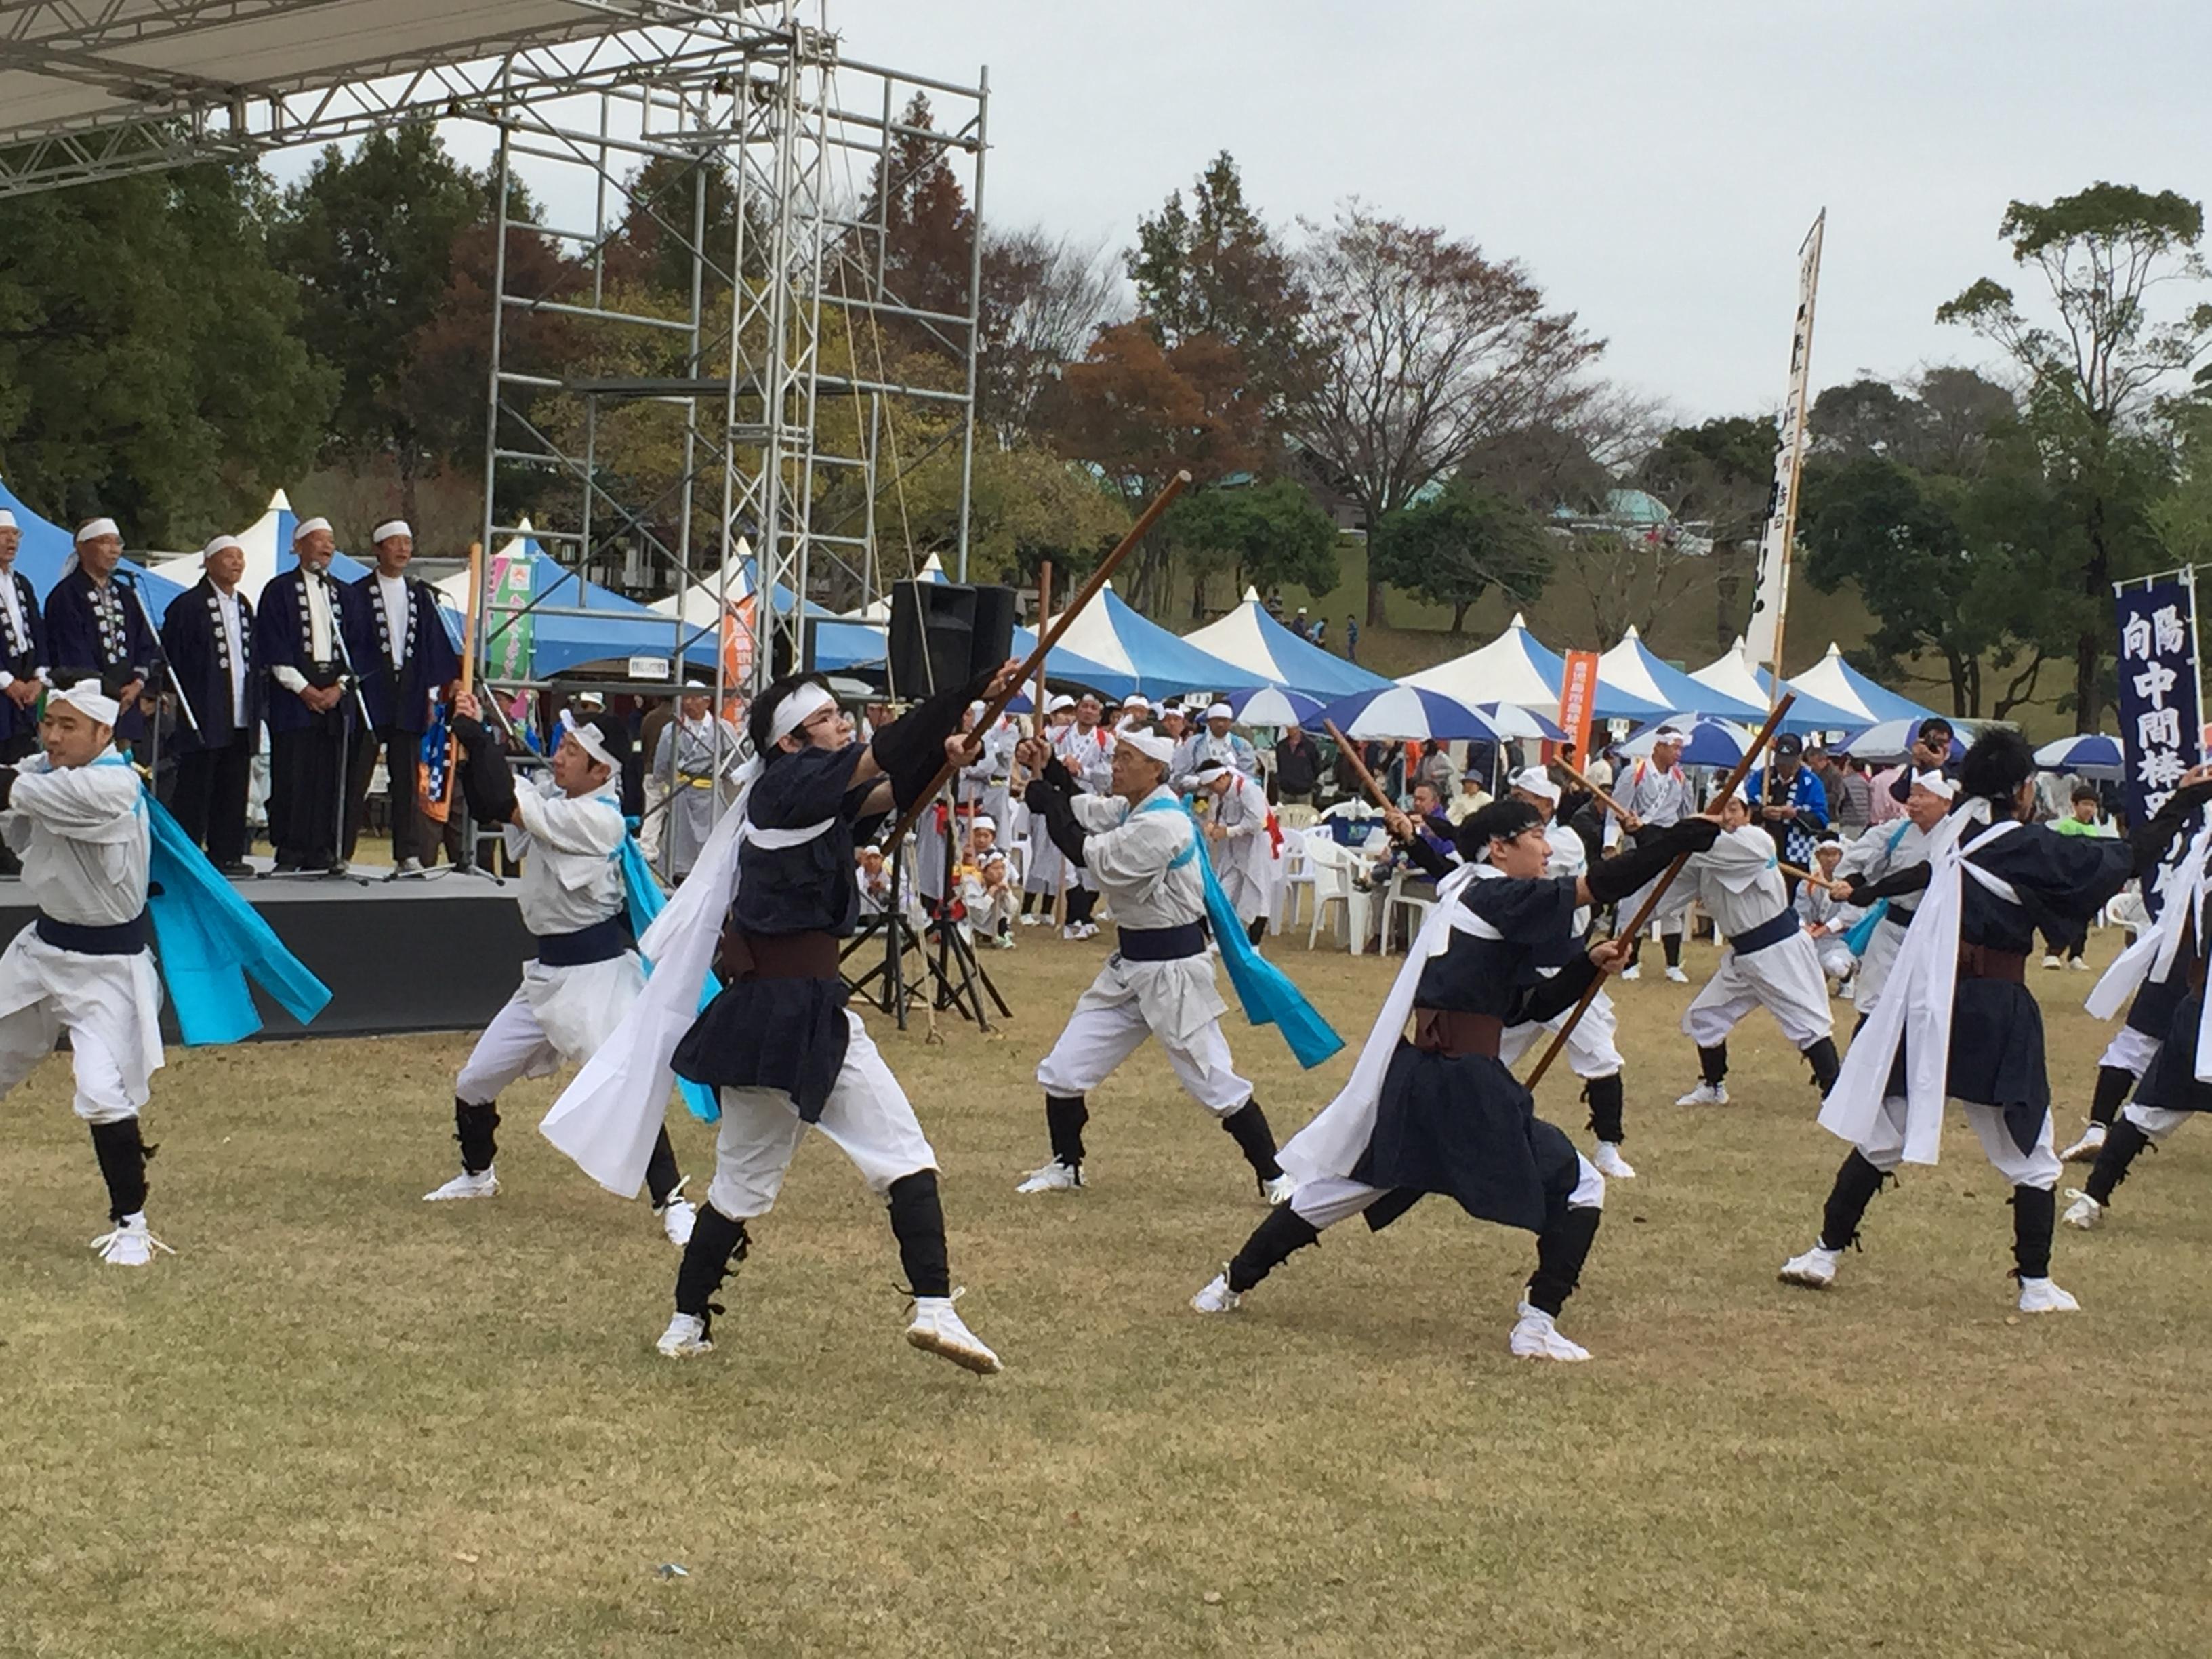 第44回鹿児島市ふるさと芸能祭 2015.11.22